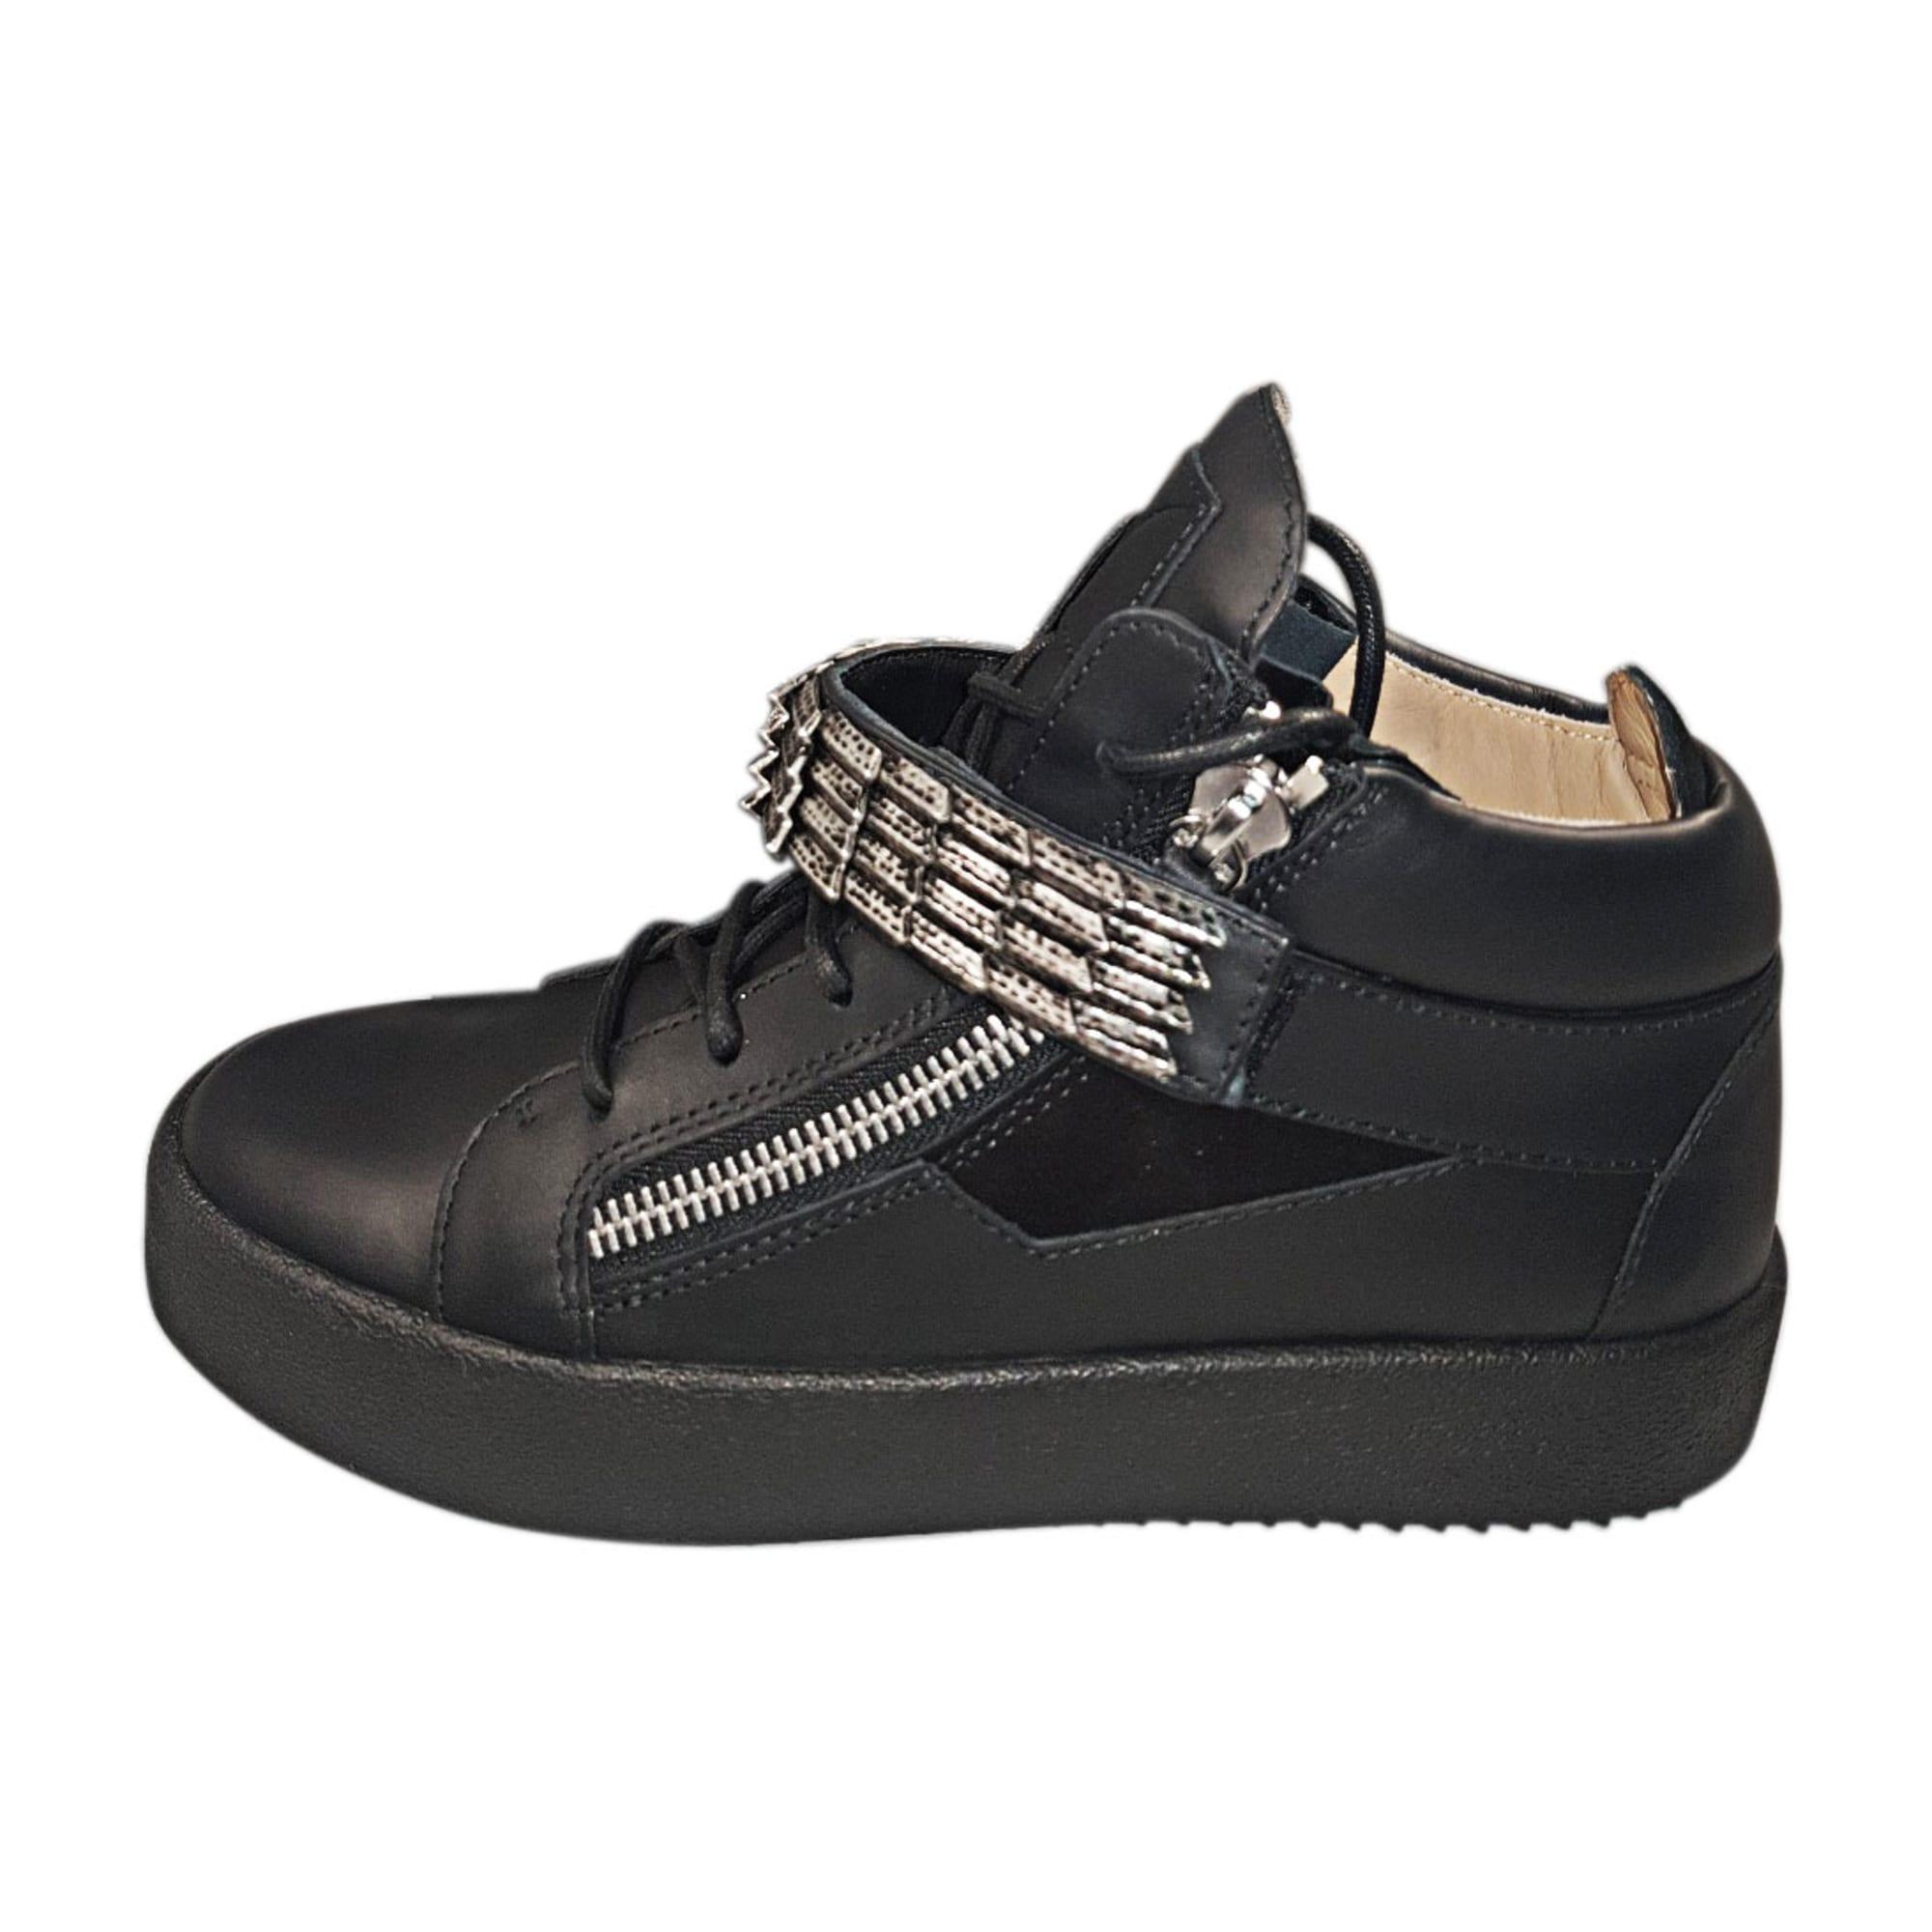 plus de photos c0650 5da85 Chaussures à lacets